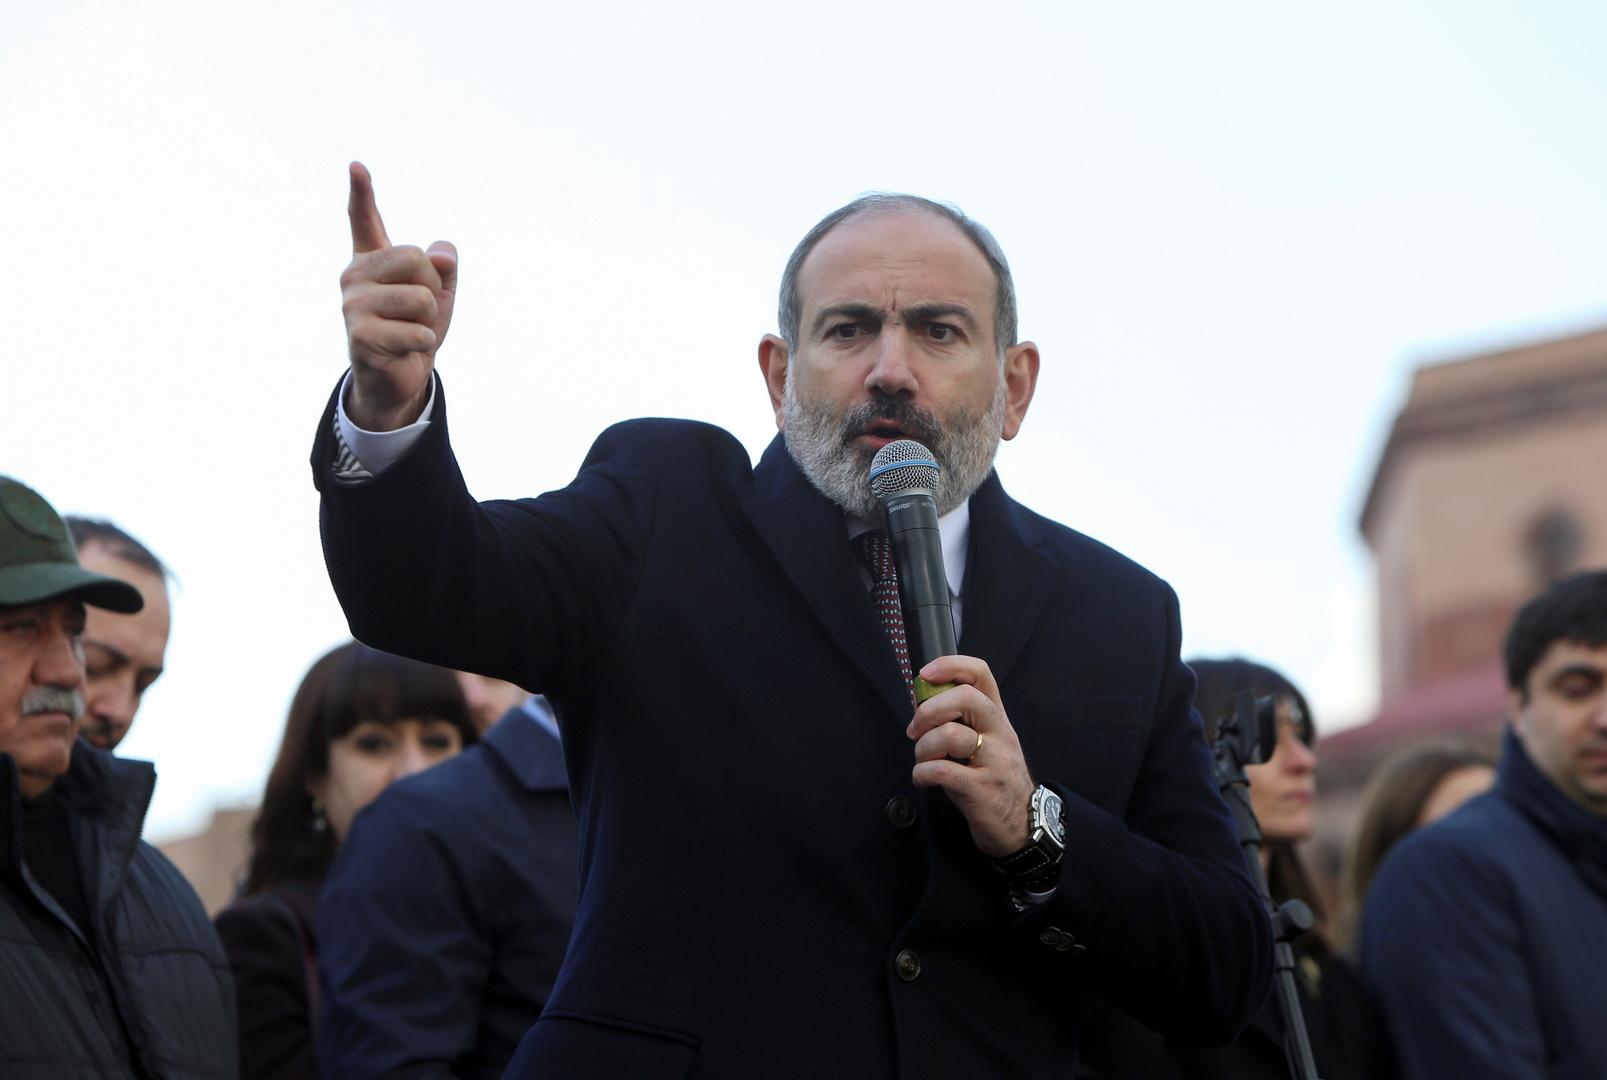 Arménie : le président refuse de démettre le chef de l'armée, les manifestations continuent